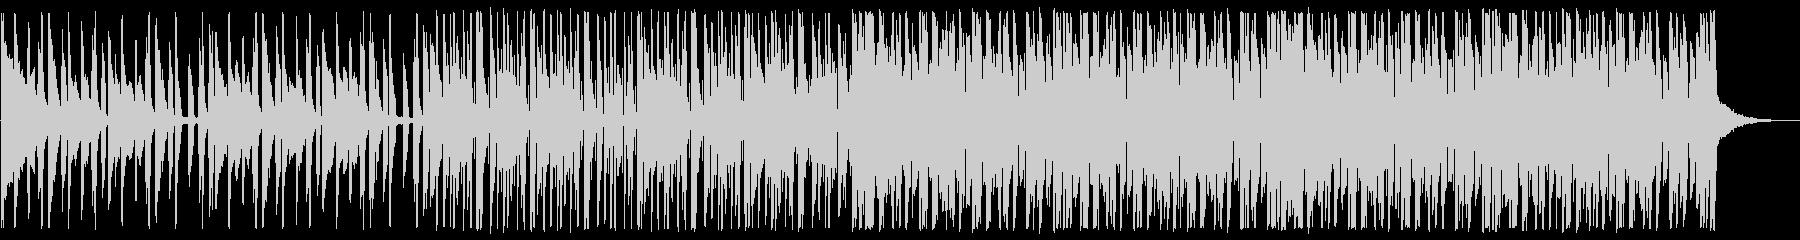 キラキラ/ハウス_No484_3の未再生の波形